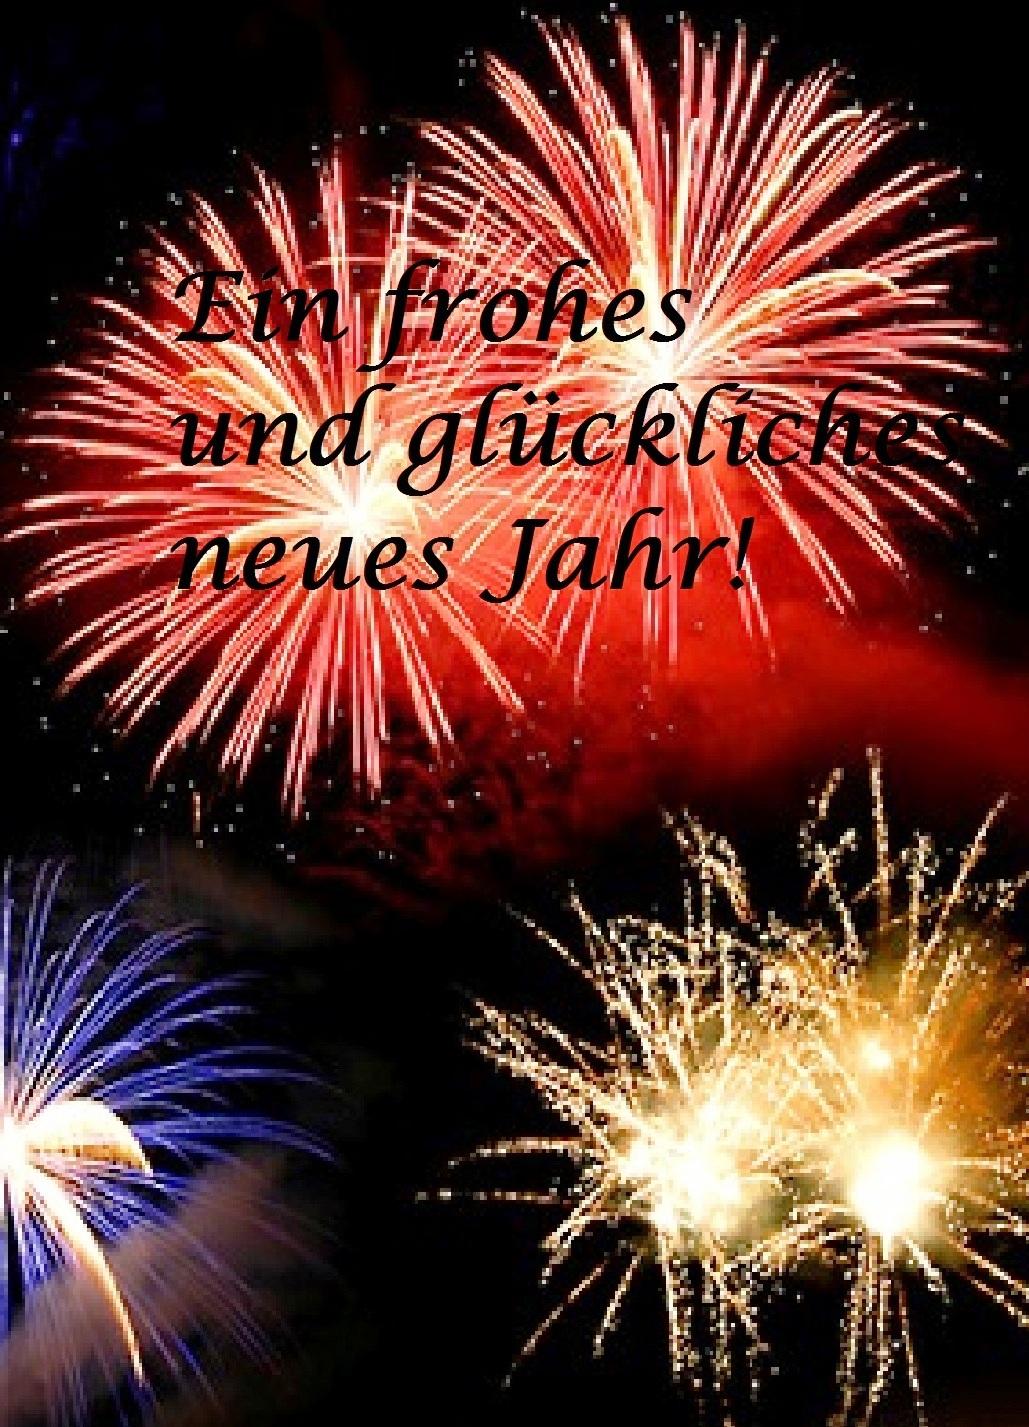 Ein frohes und glückliches neues Jahr!